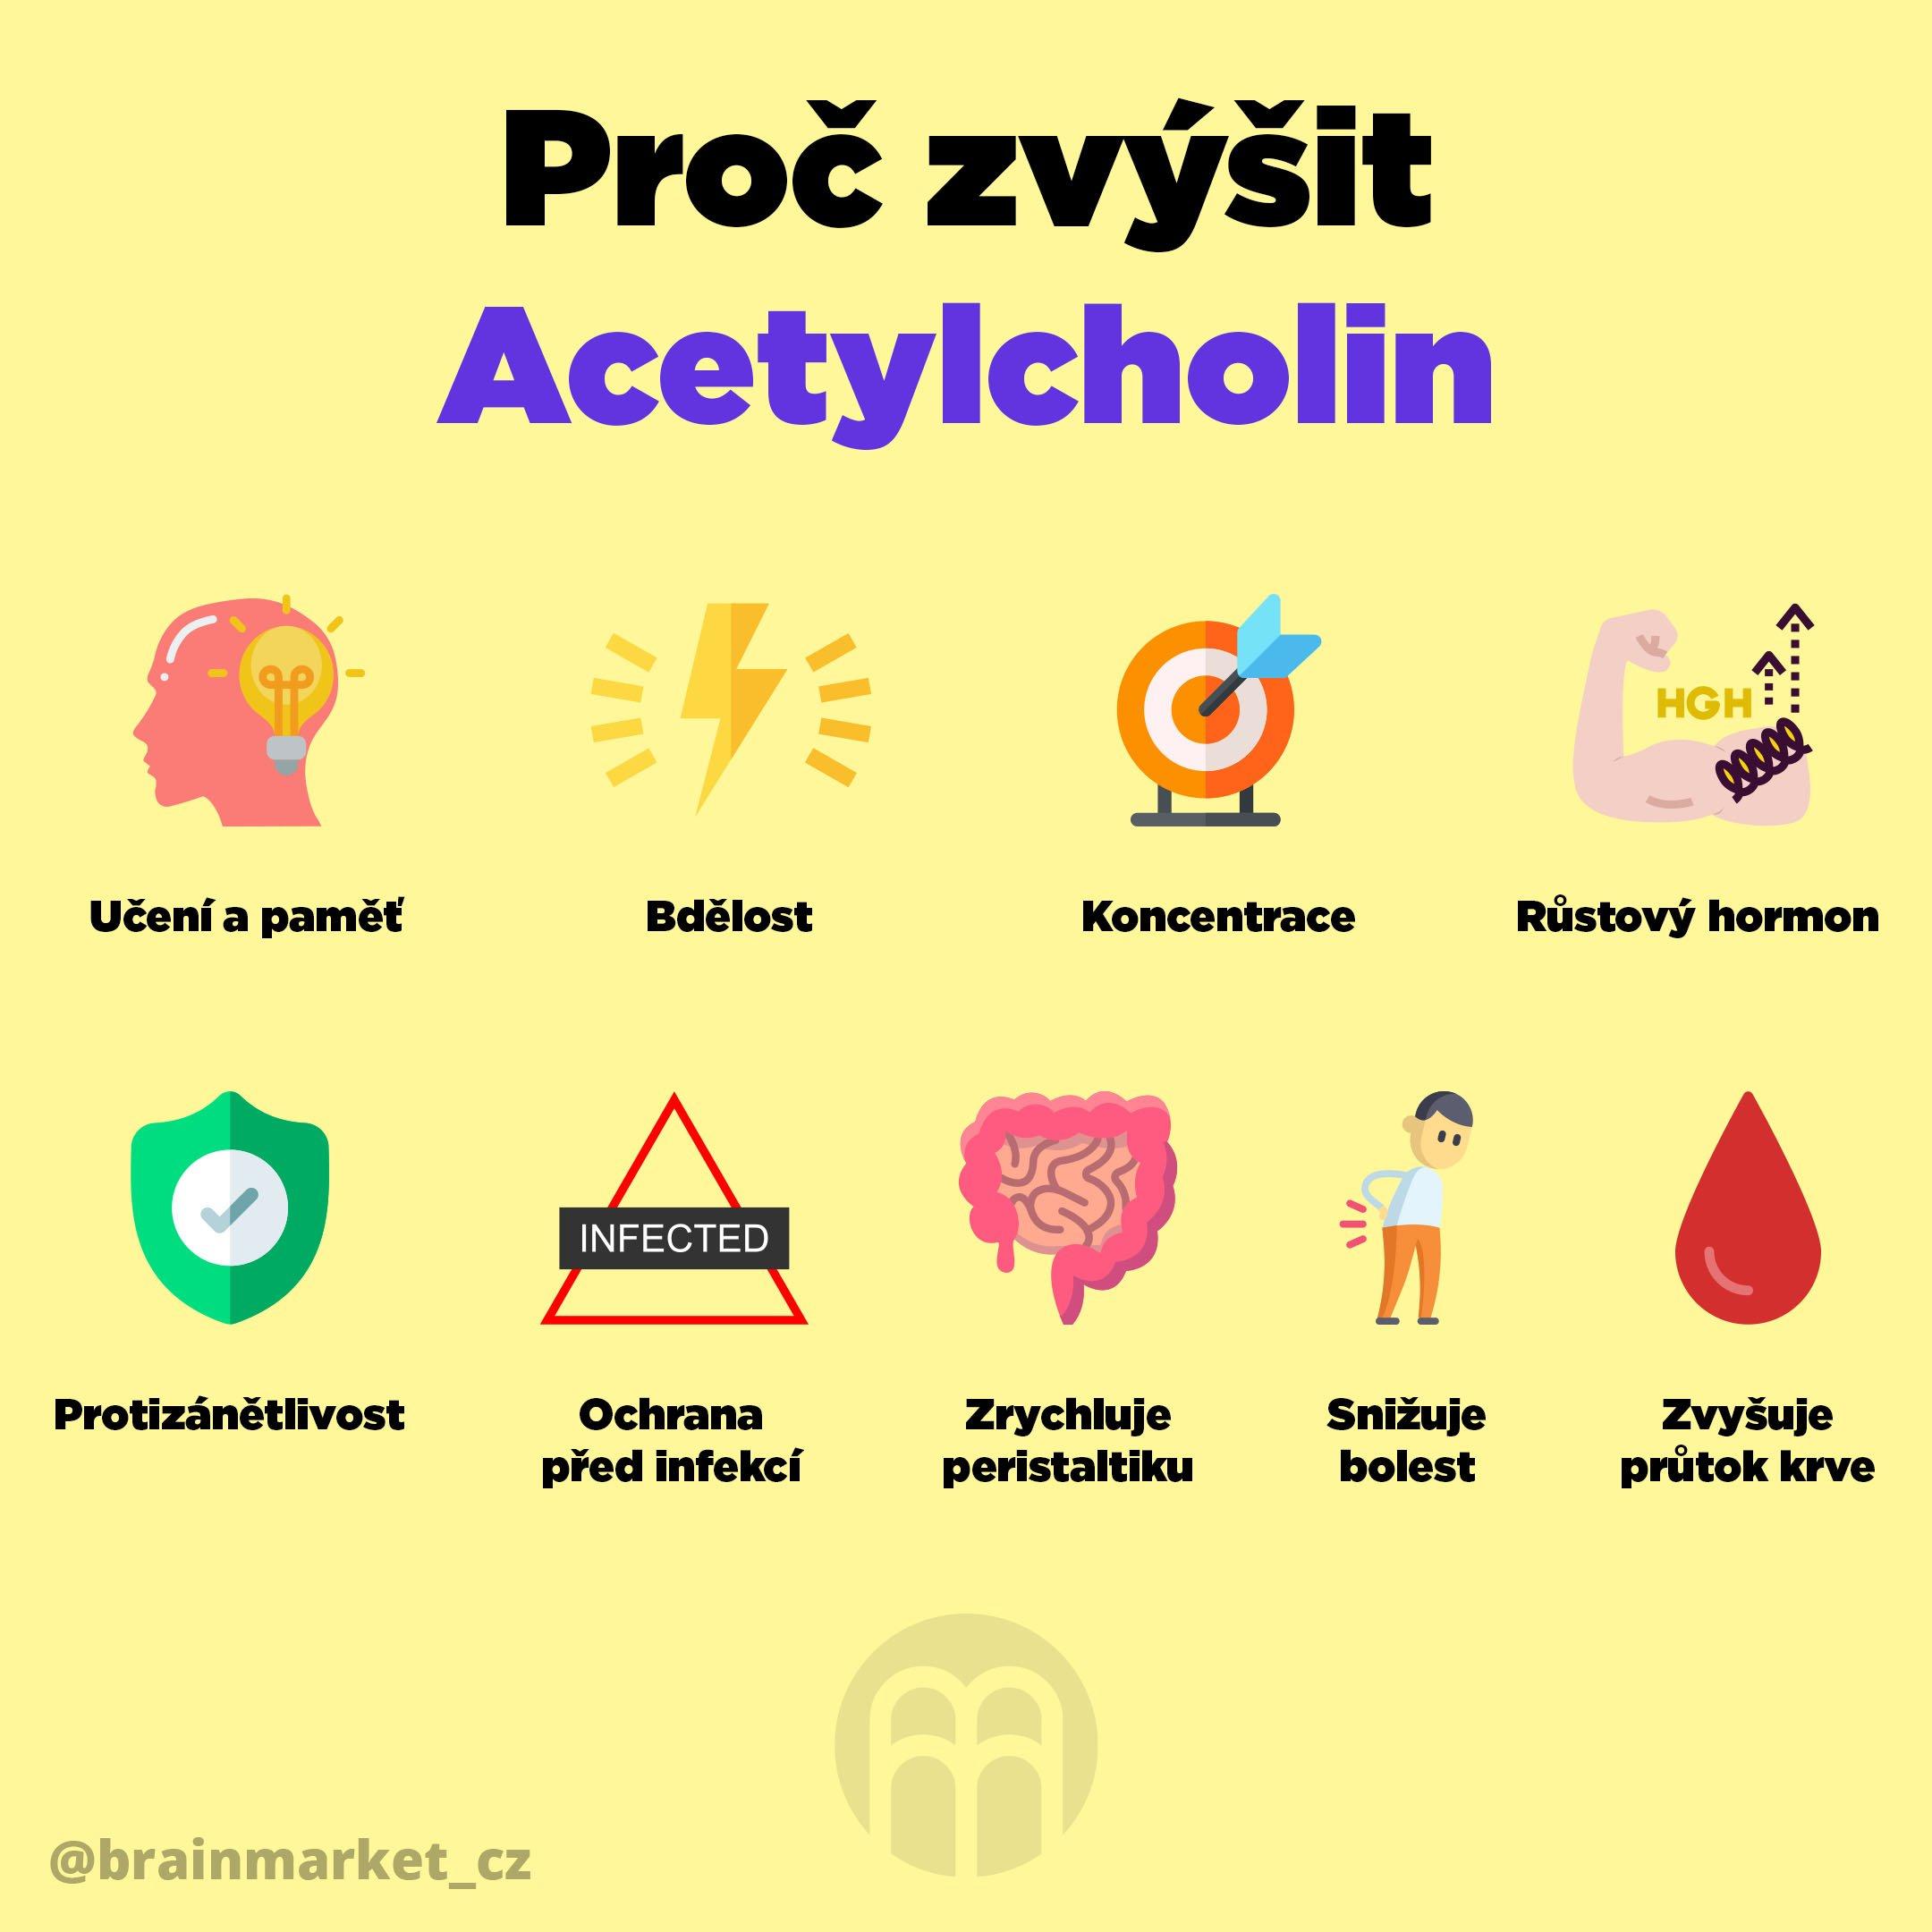 proc-zvysit-acetylcholin-instagram-infografika